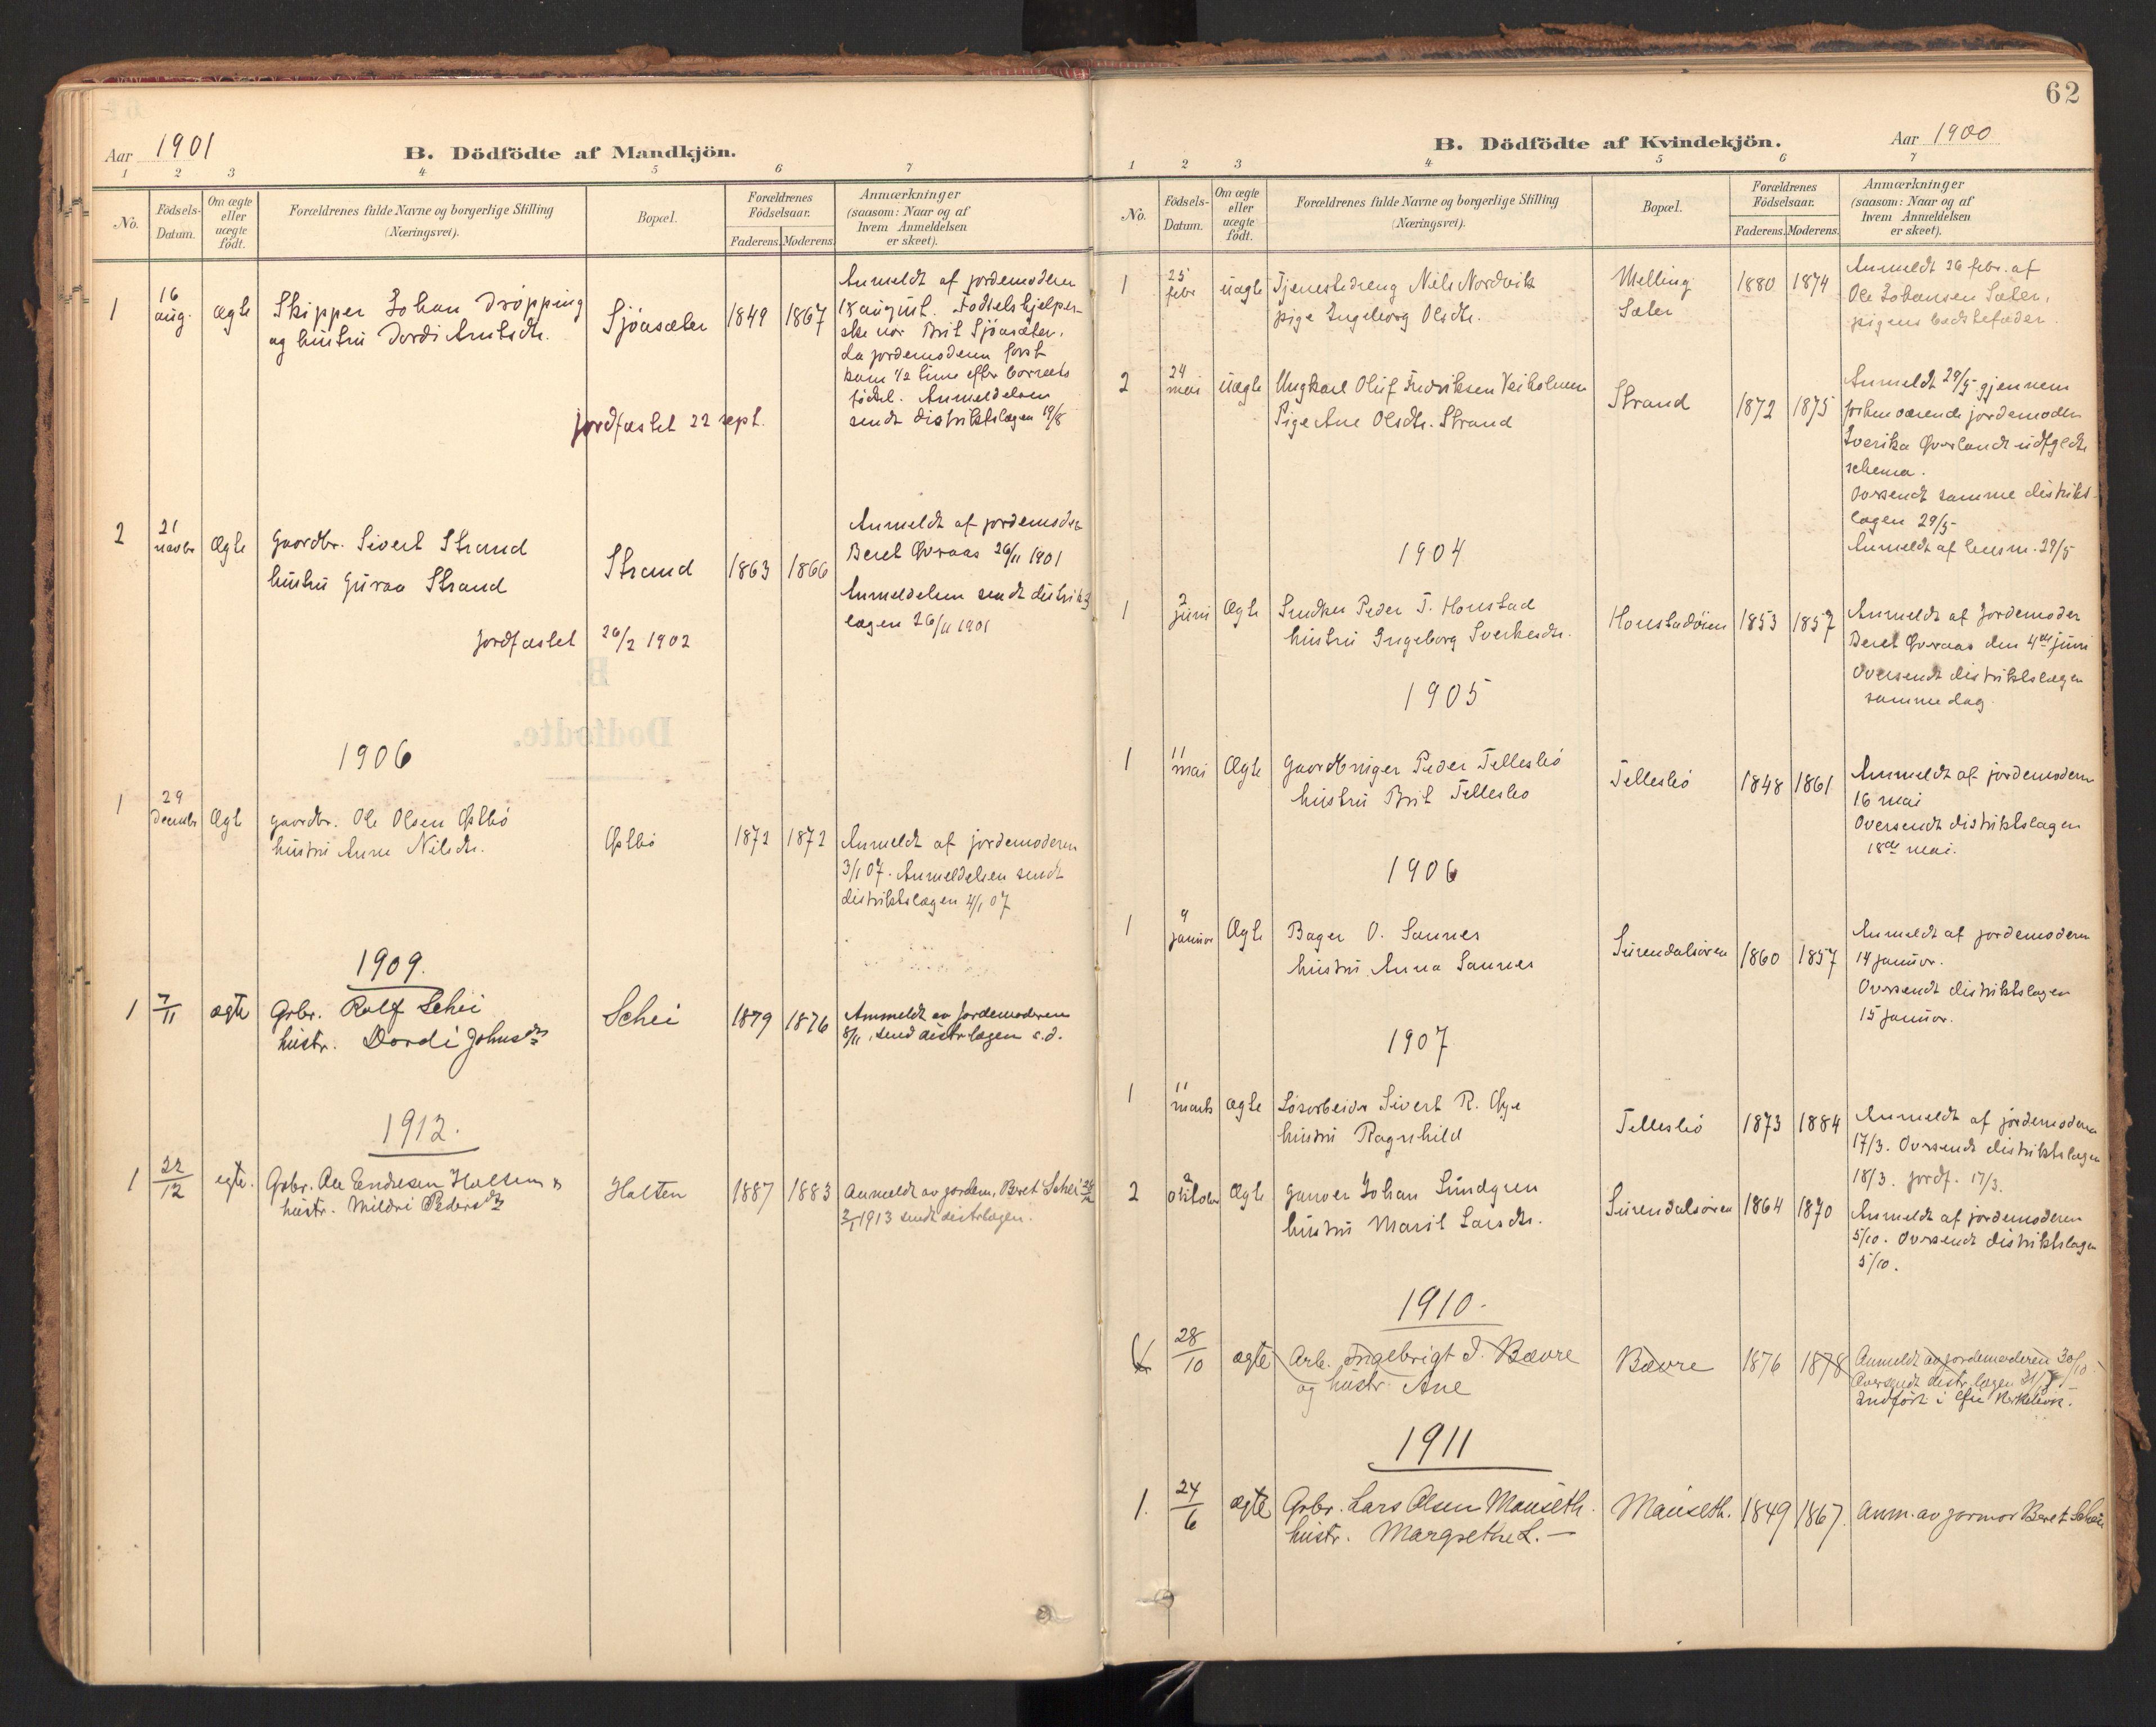 SAT, Ministerialprotokoller, klokkerbøker og fødselsregistre - Møre og Romsdal, 596/L1057: Ministerialbok nr. 596A02, 1900-1917, s. 62